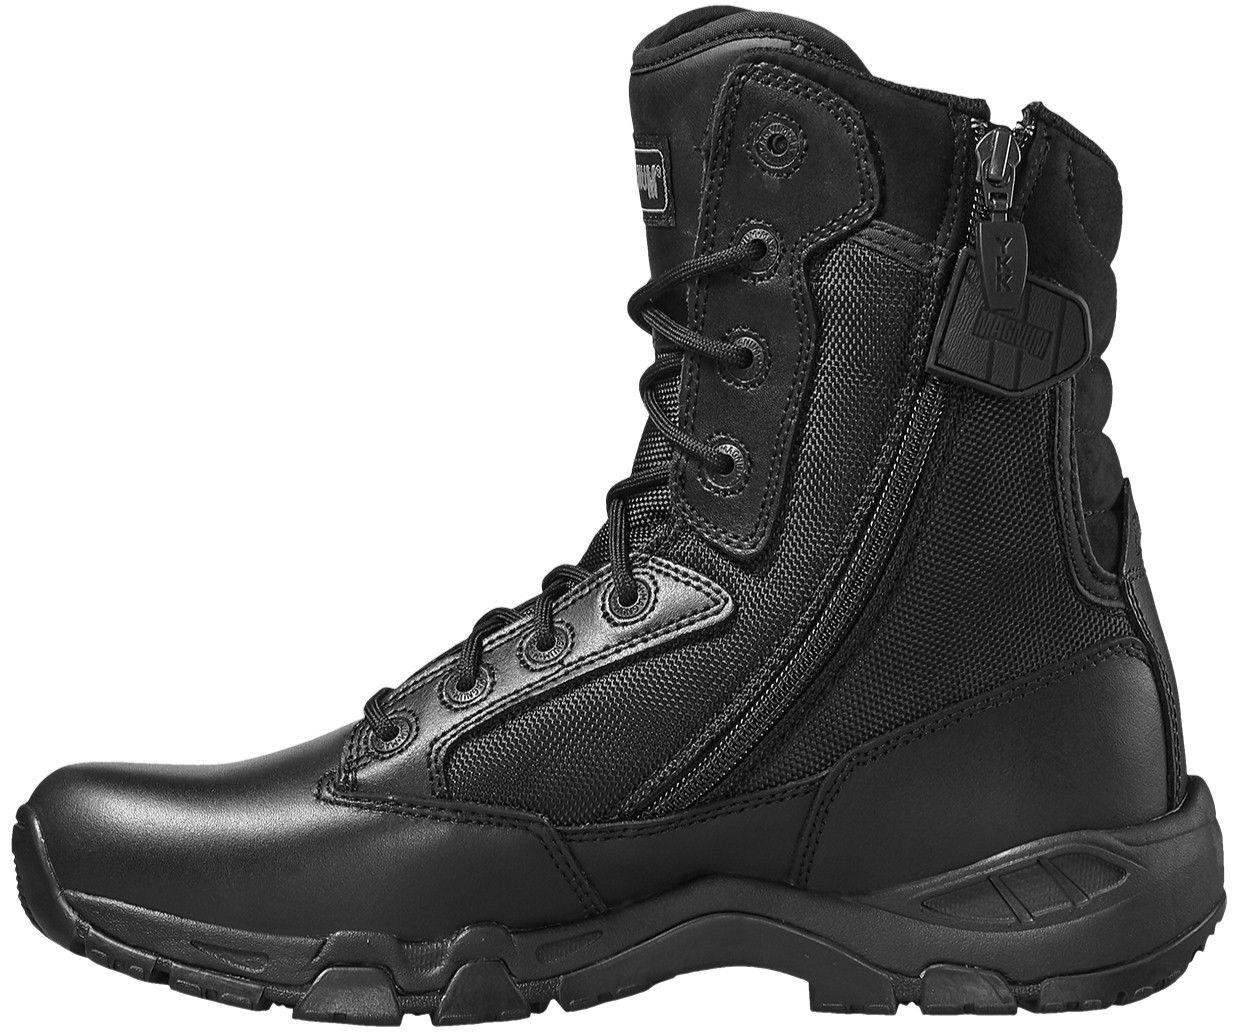 Magnum Viper Pro 8.0 uniforme Side-Zip Noir SRA uniforme 8.0 de travail non-sécurité Boot Taille 3-14 f2eacd